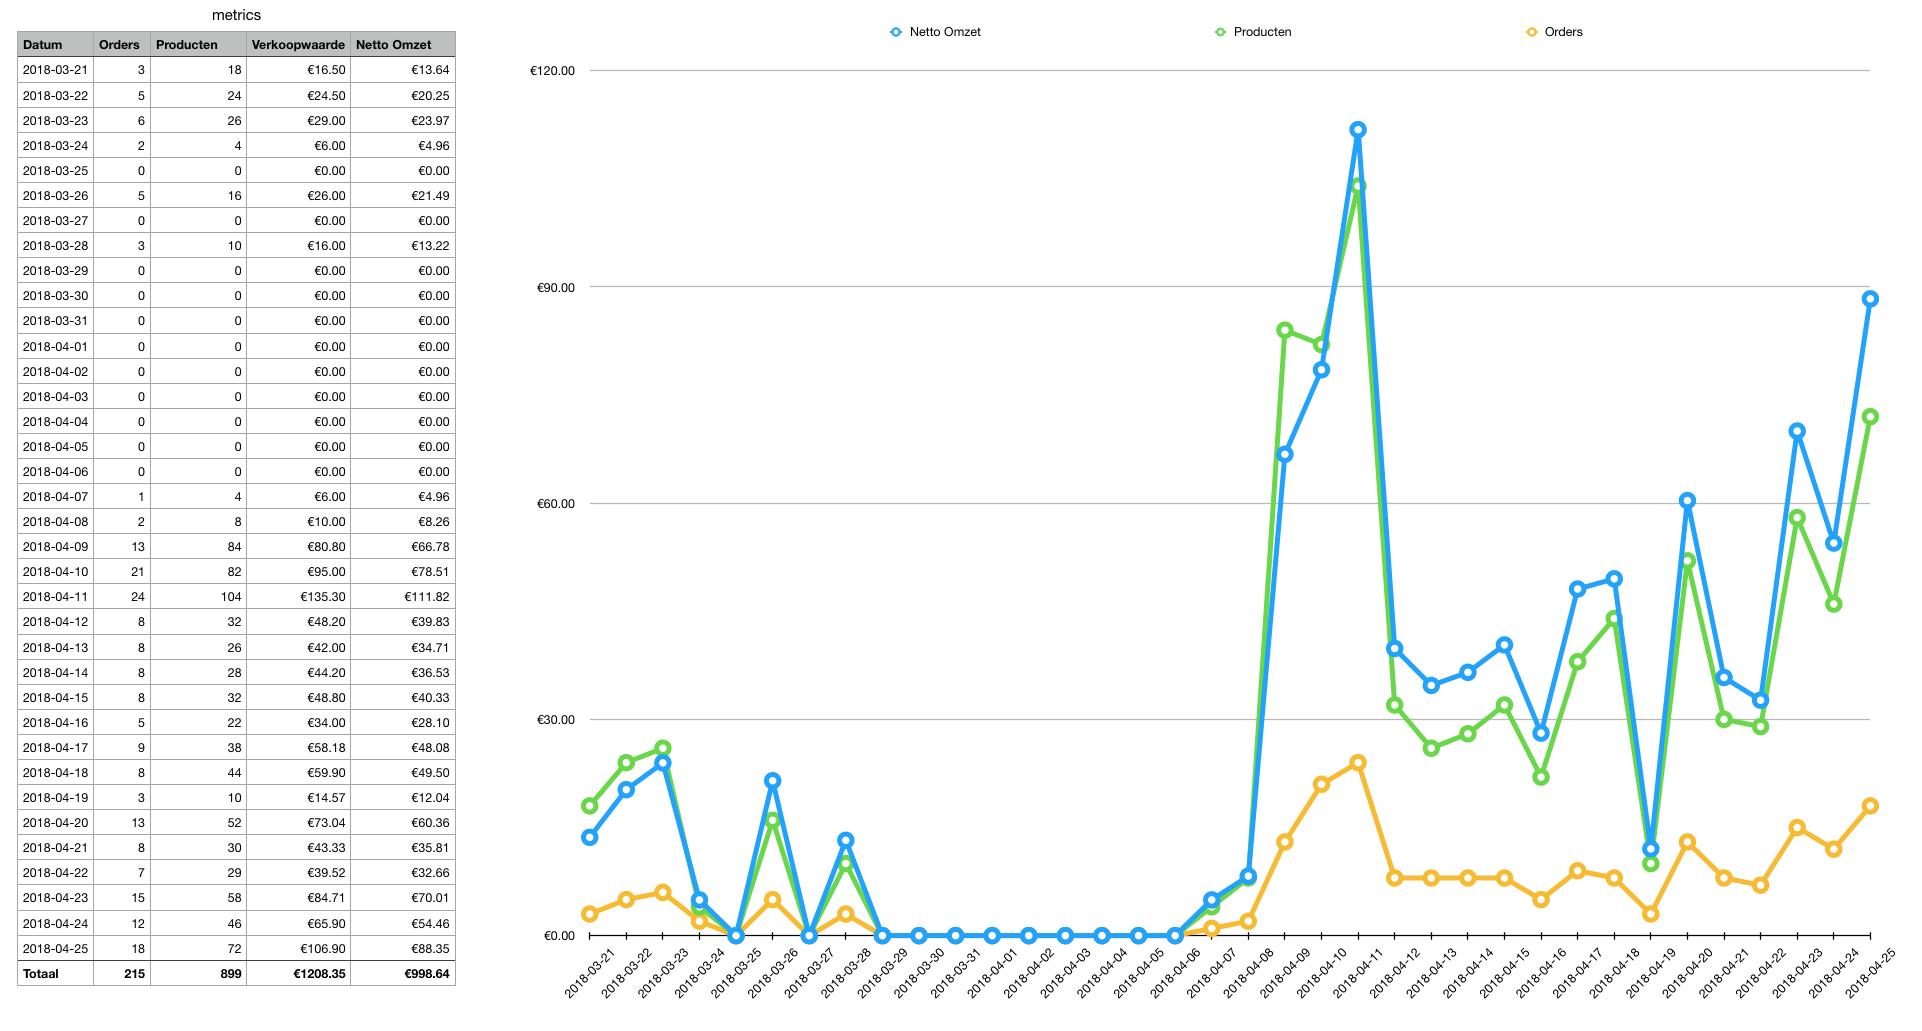 Veelbelovende webshop voor product met hoge marge-metrics_26_apr-png